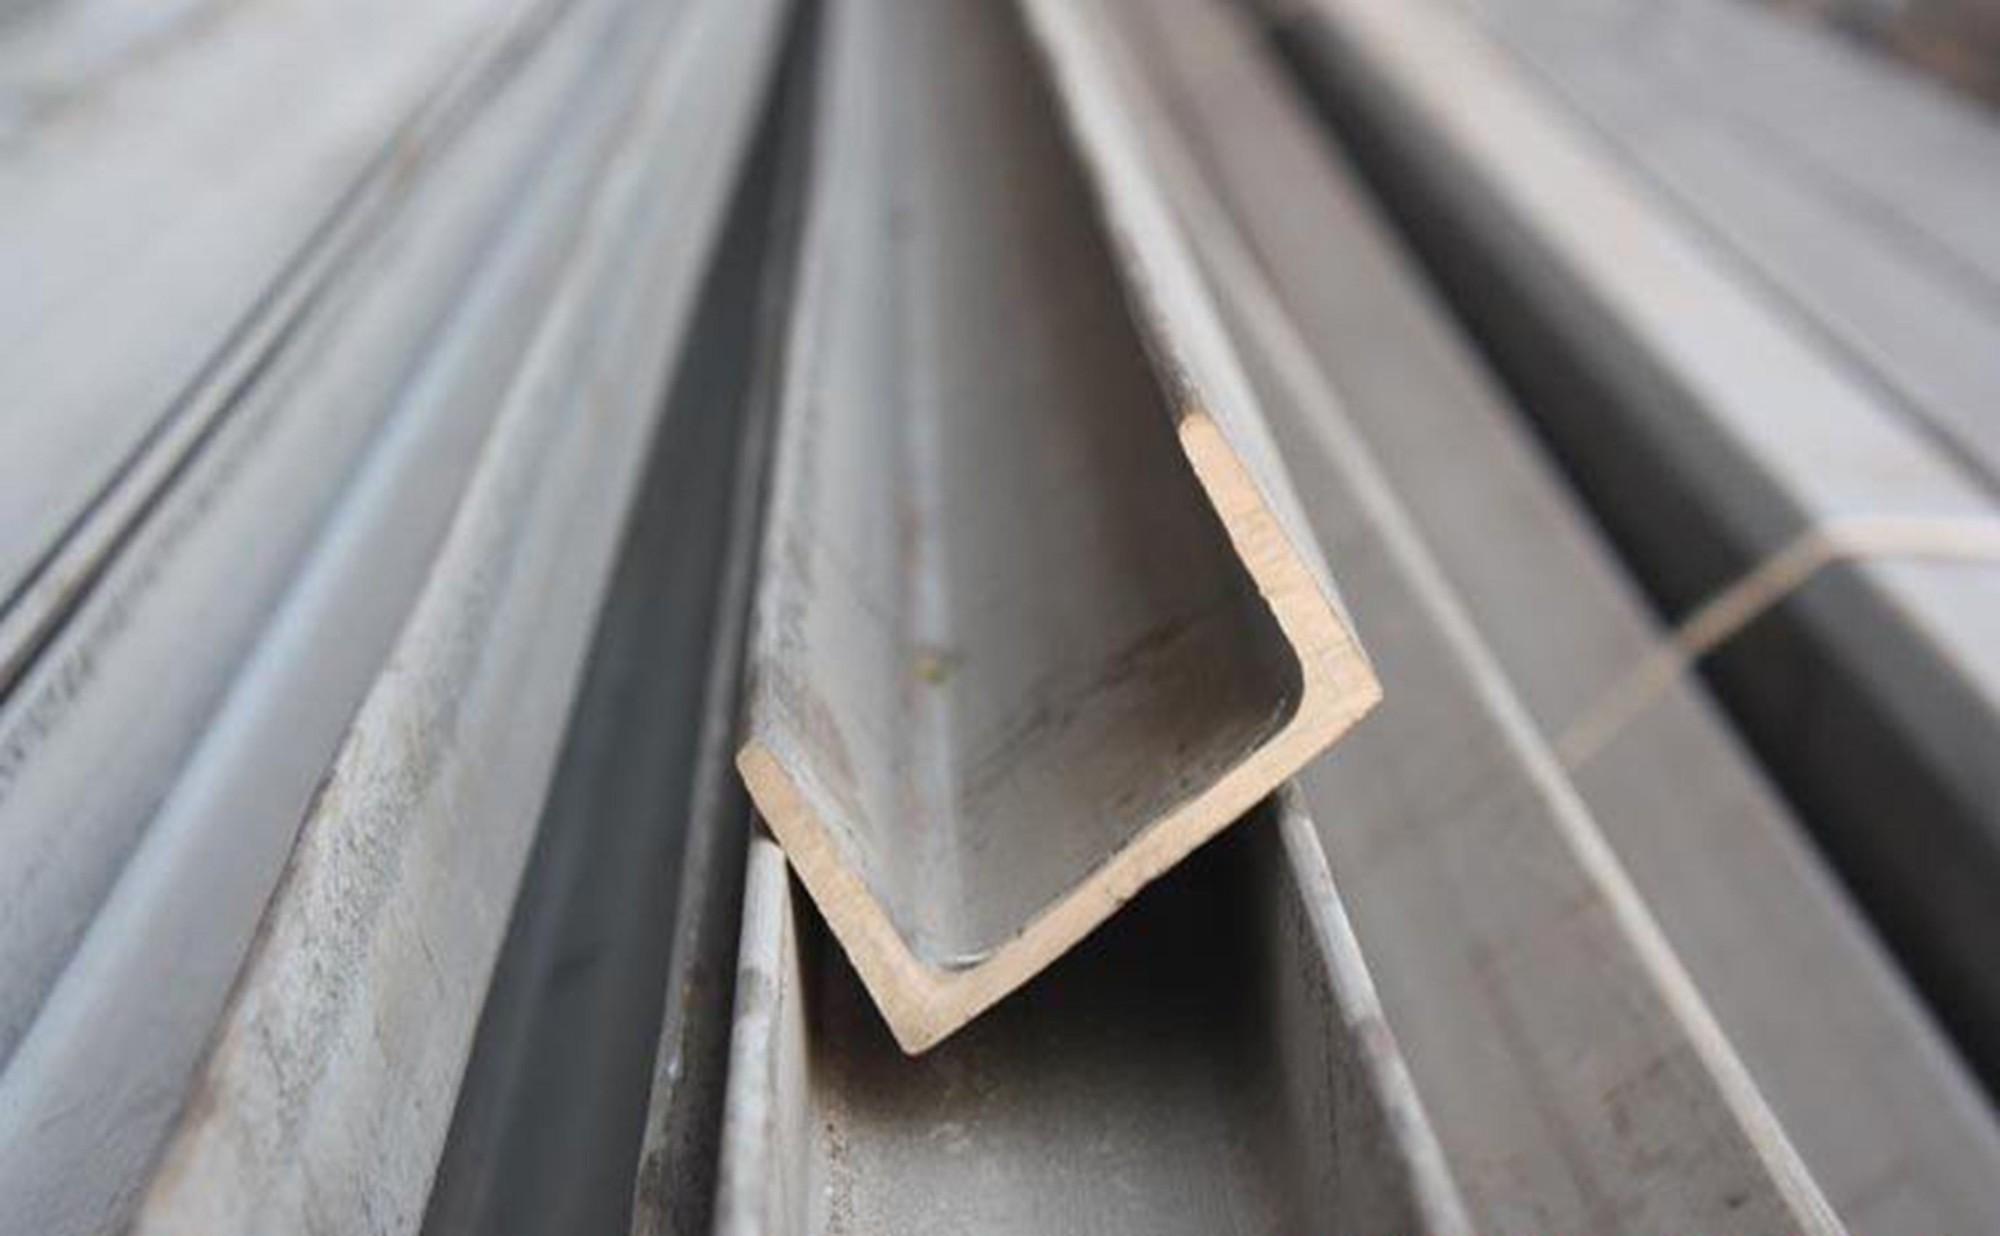 Channel Steel Manufacturers, Channel Steel Factory, Supply Channel Steel